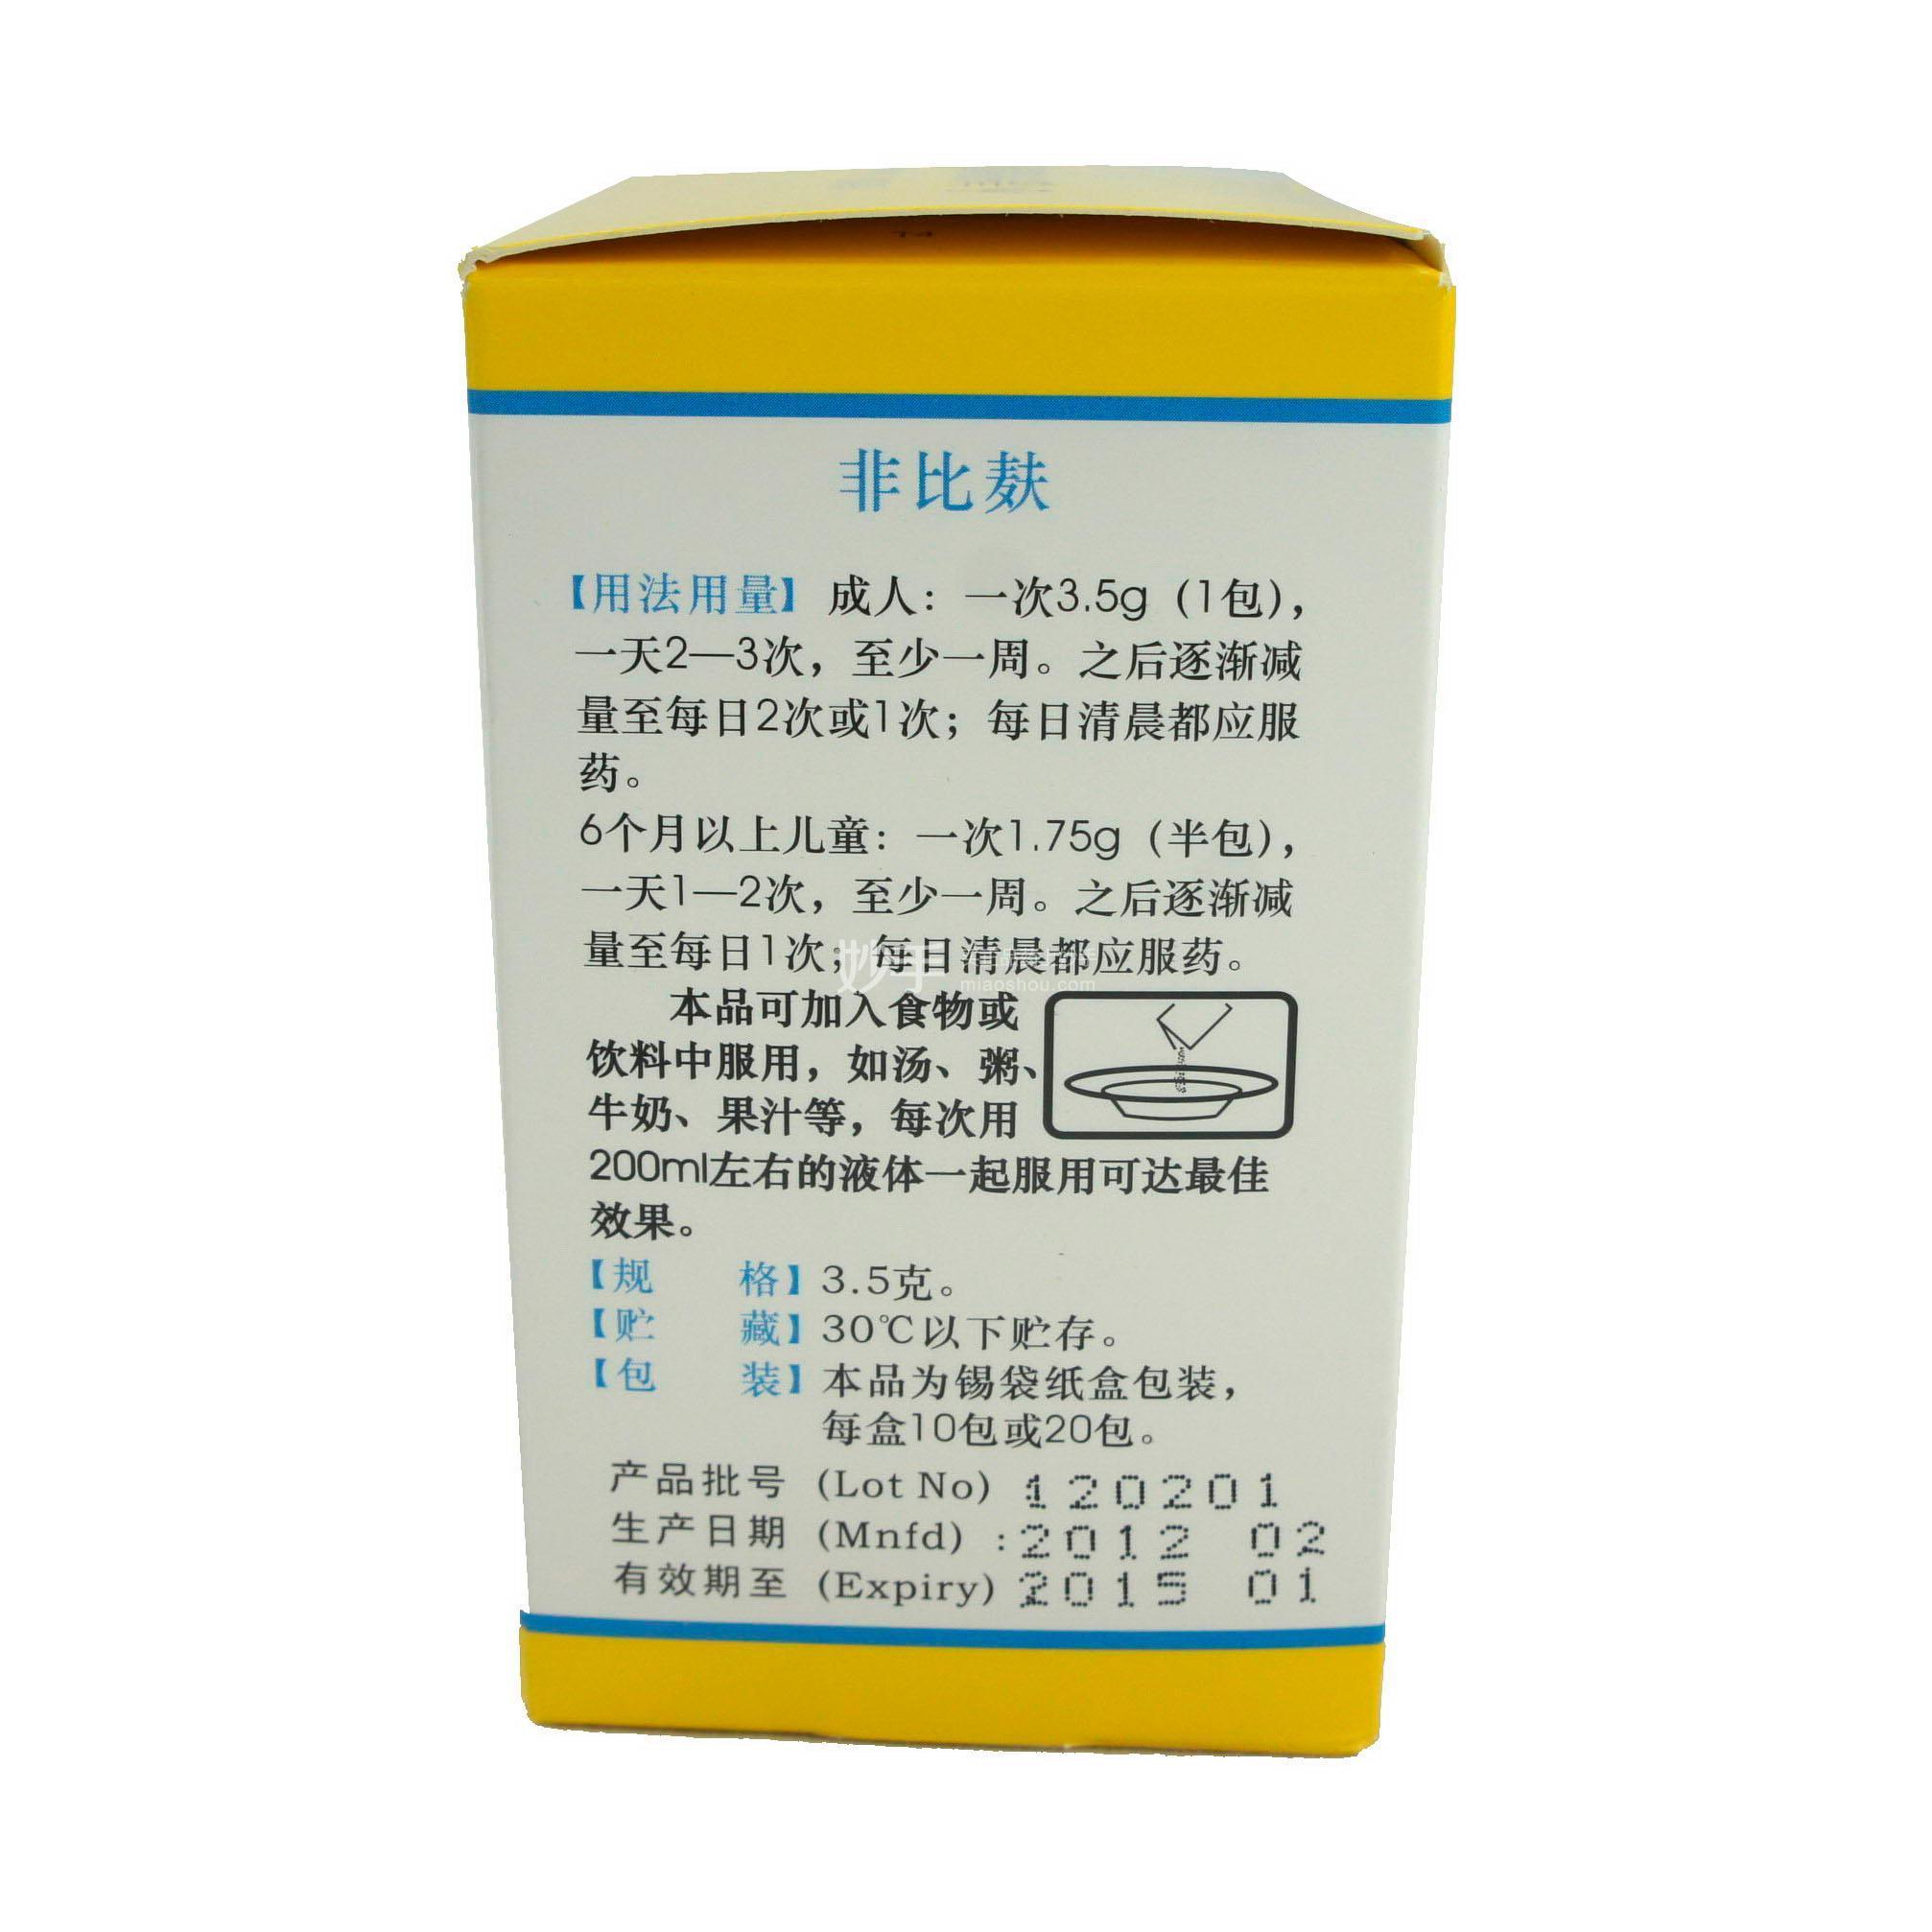 【非比麸】小麦纤维素颗粒3.5g*10包